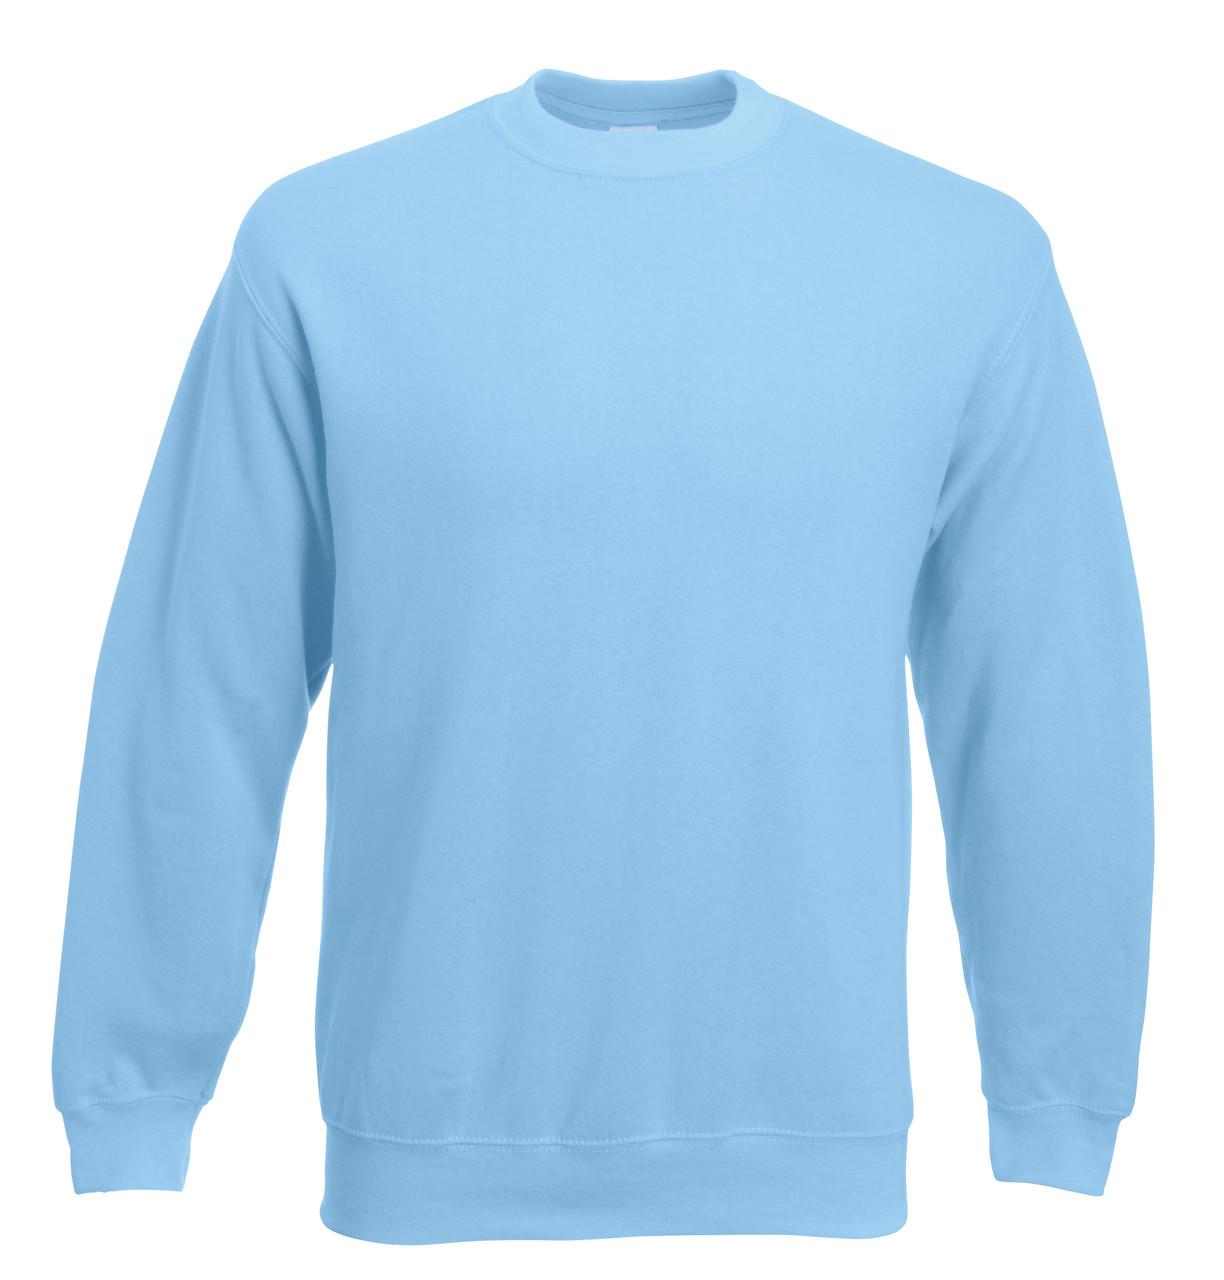 Мужской классический свитер Небесно-голубой  Fruit Of The Loom 62-202-YT  L